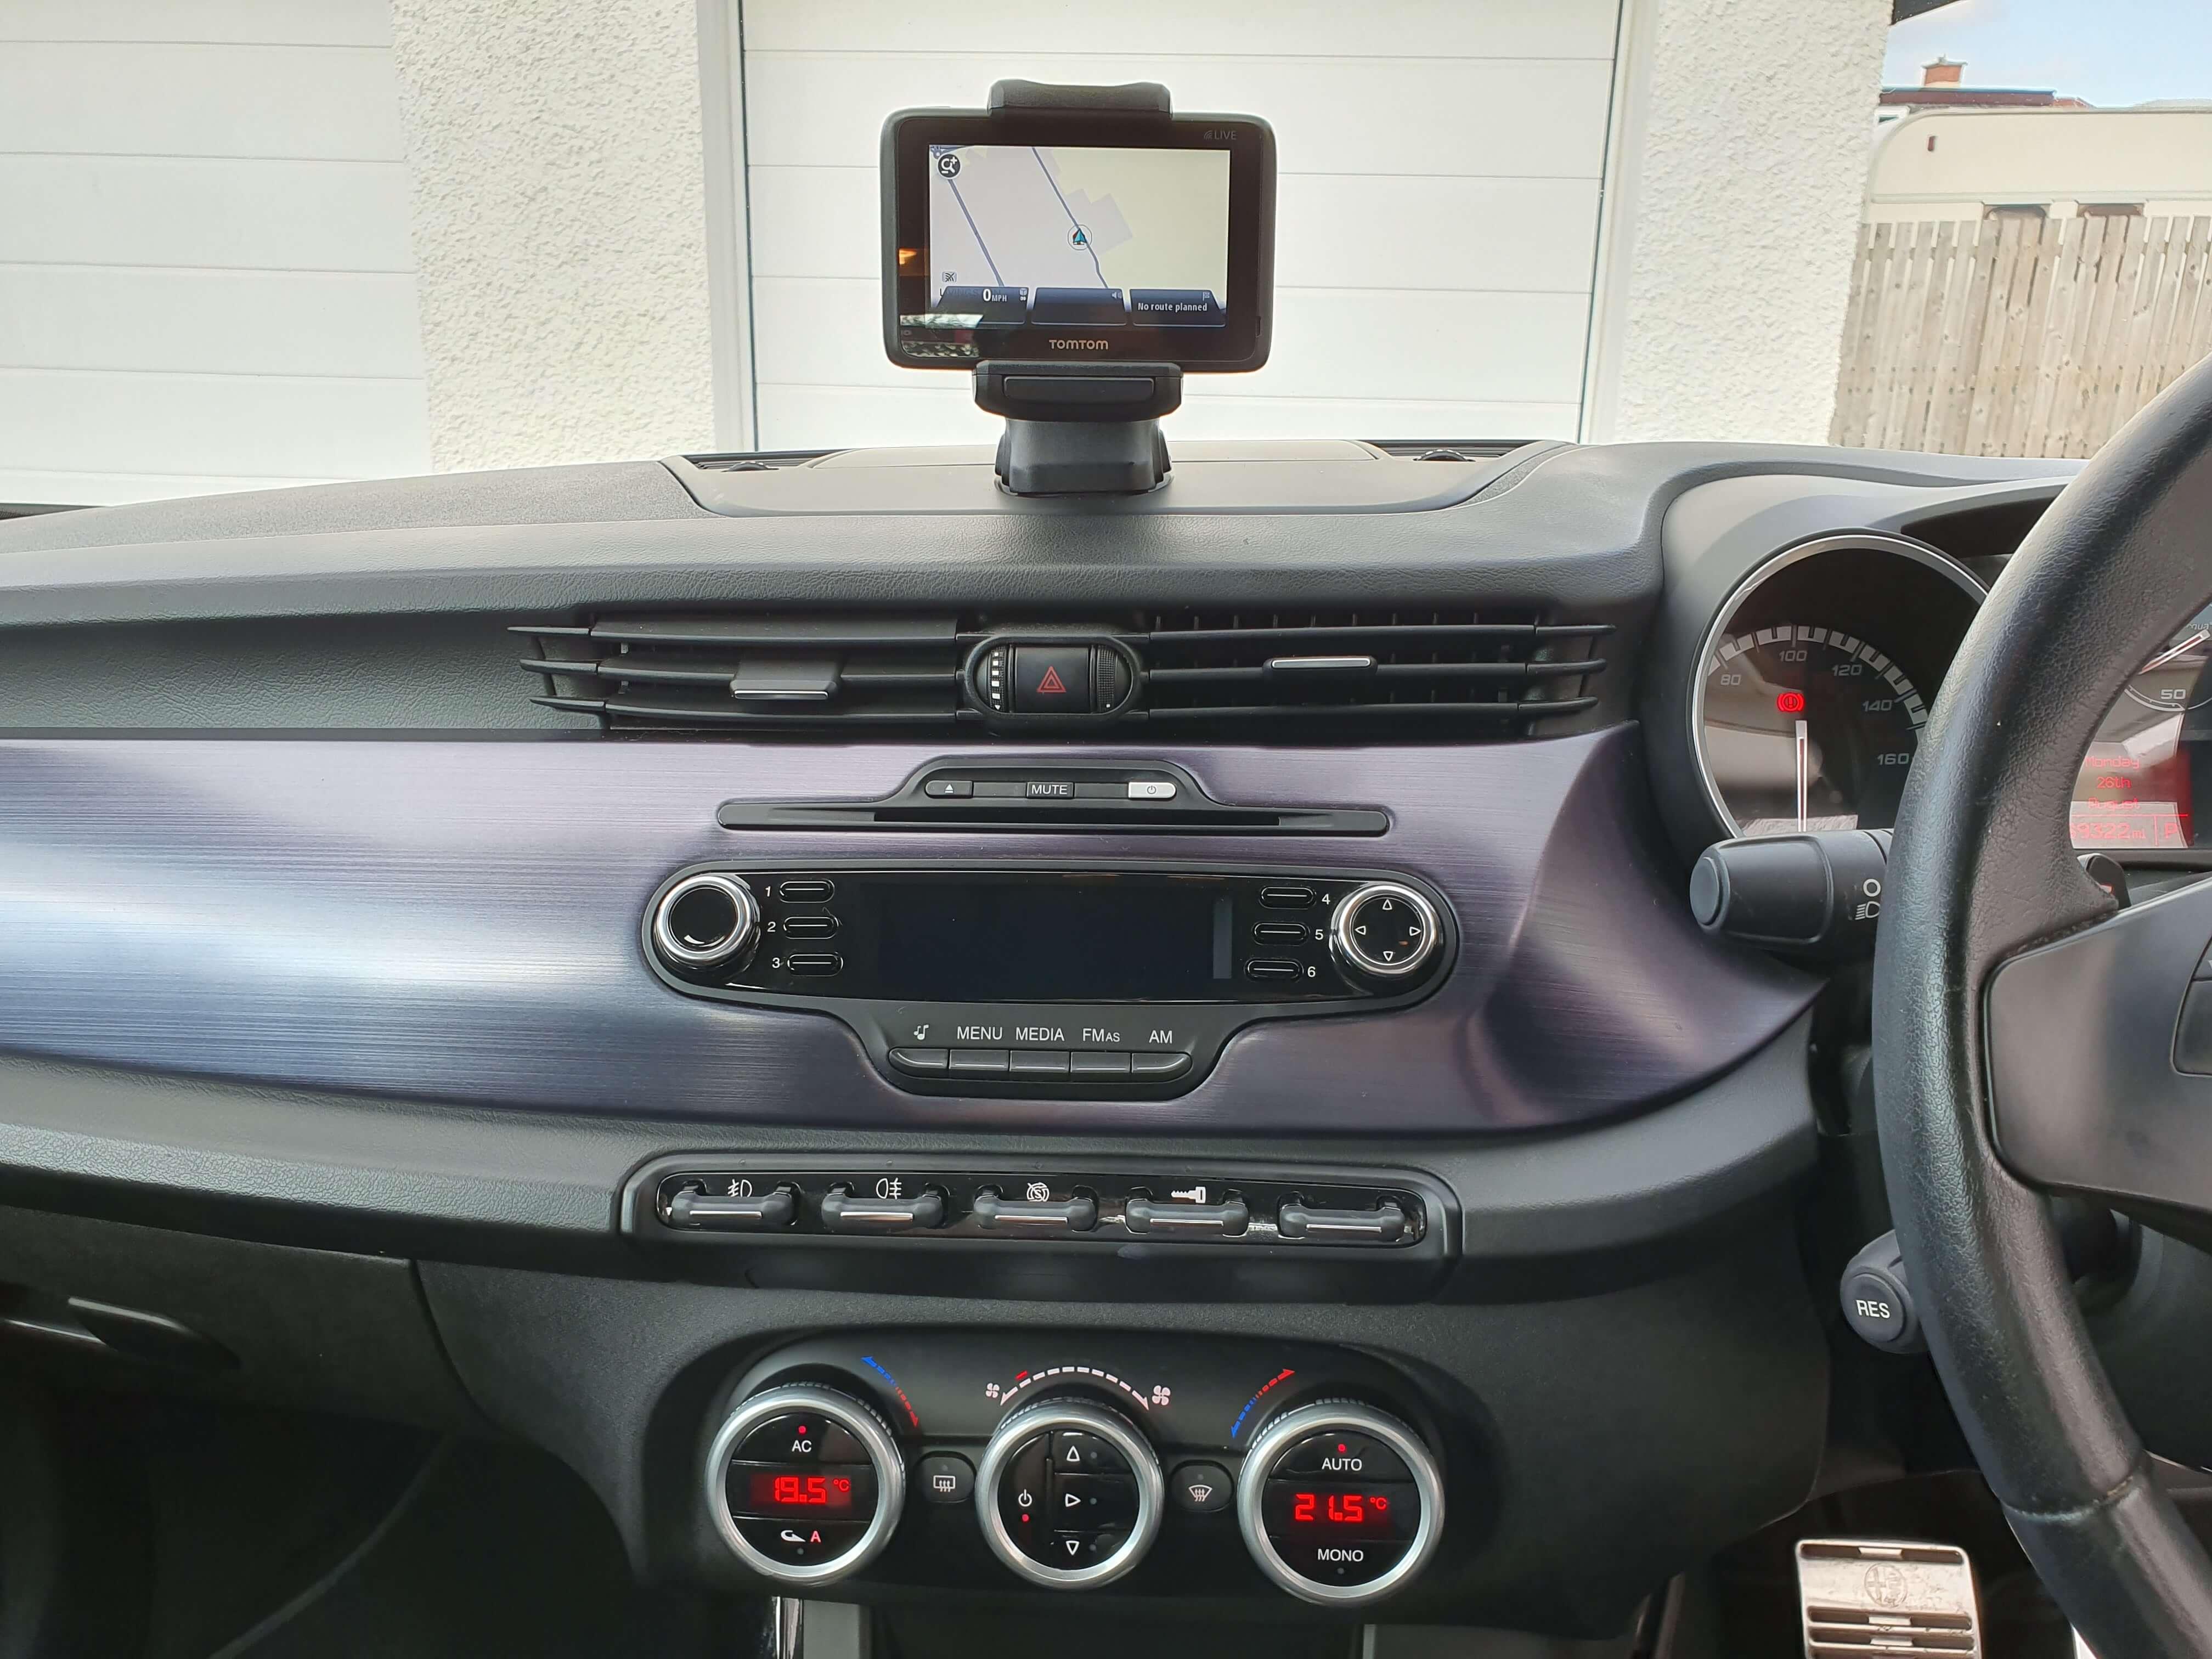 2012 62 ALFA ROMEO GIULIETTA 2.0 JTDM-2 VELOCE S 5D AUTO 170 BHP DIESEL